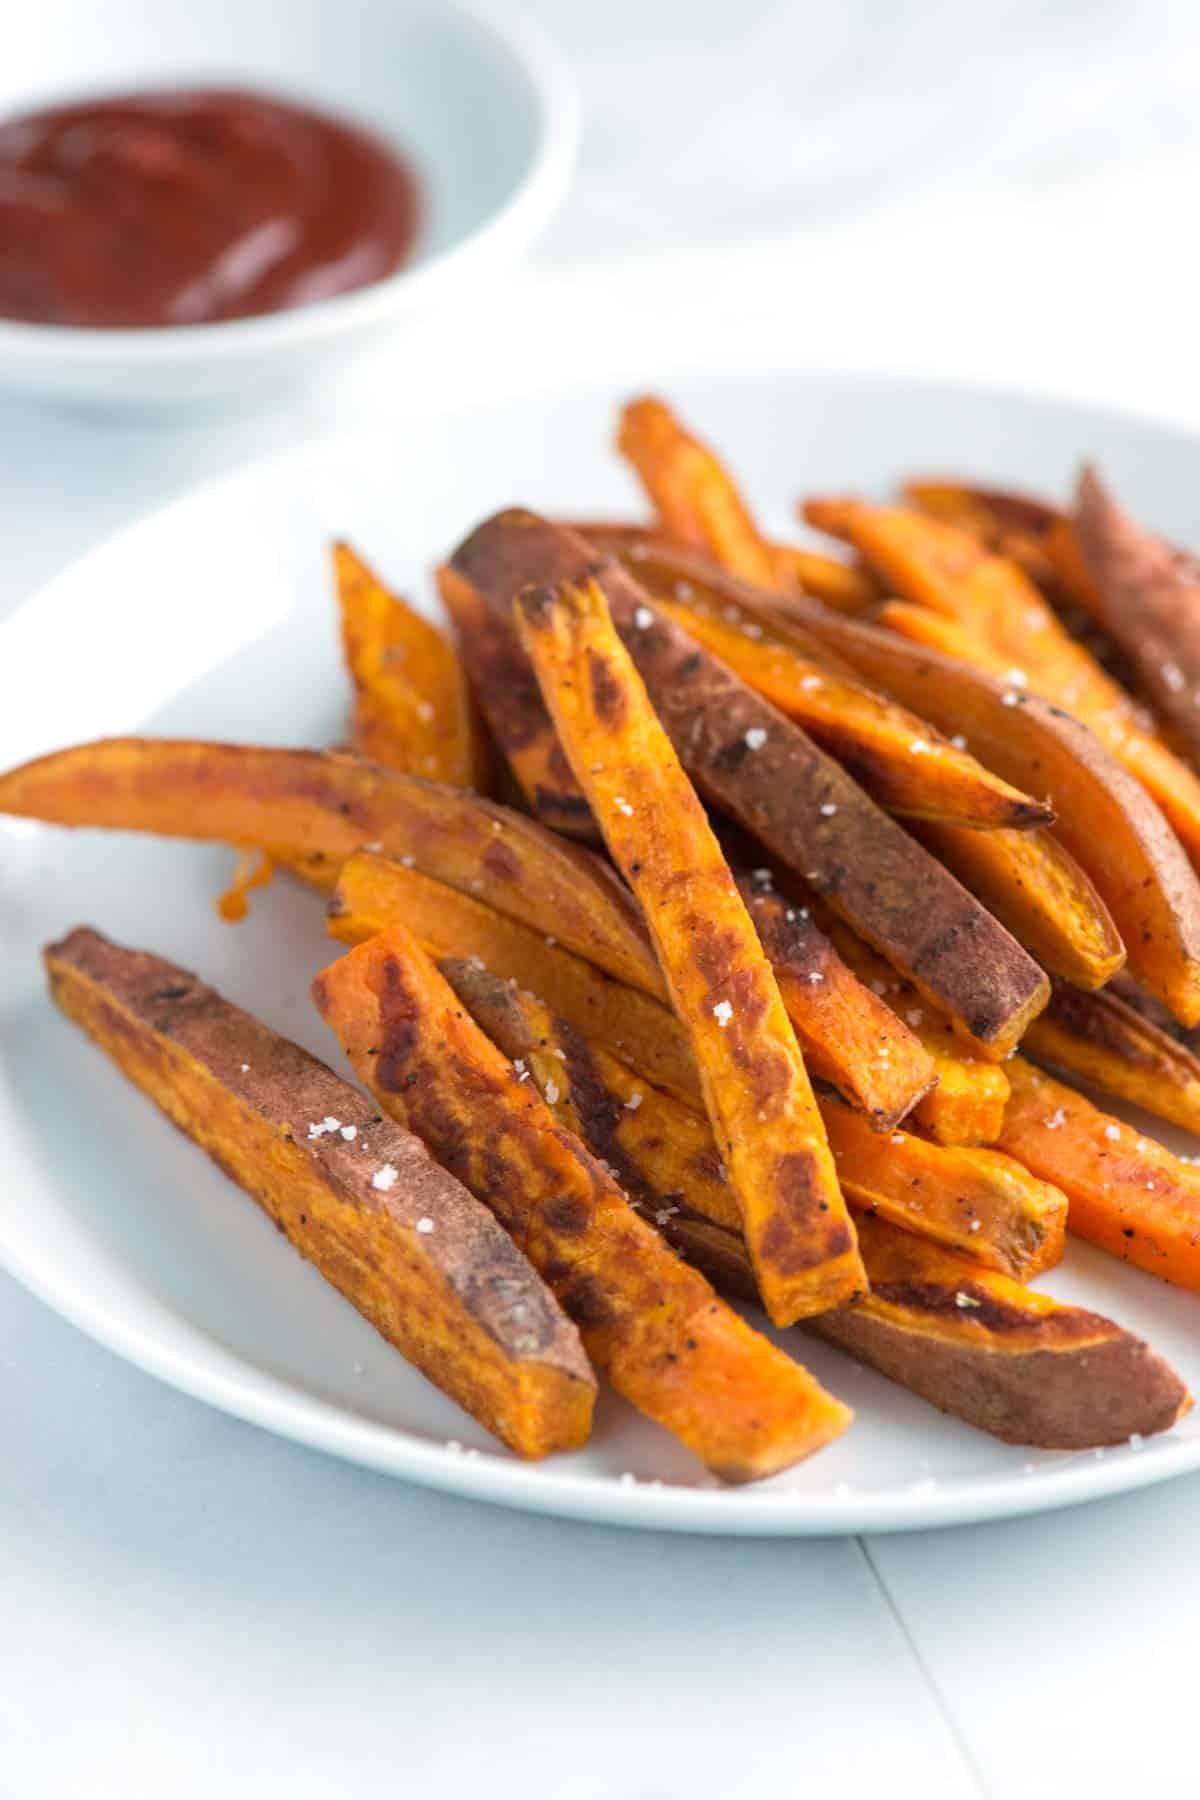 Baked Sweet Potato Recipes  Easy Homemade Baked Sweet Potato Fries Recipe